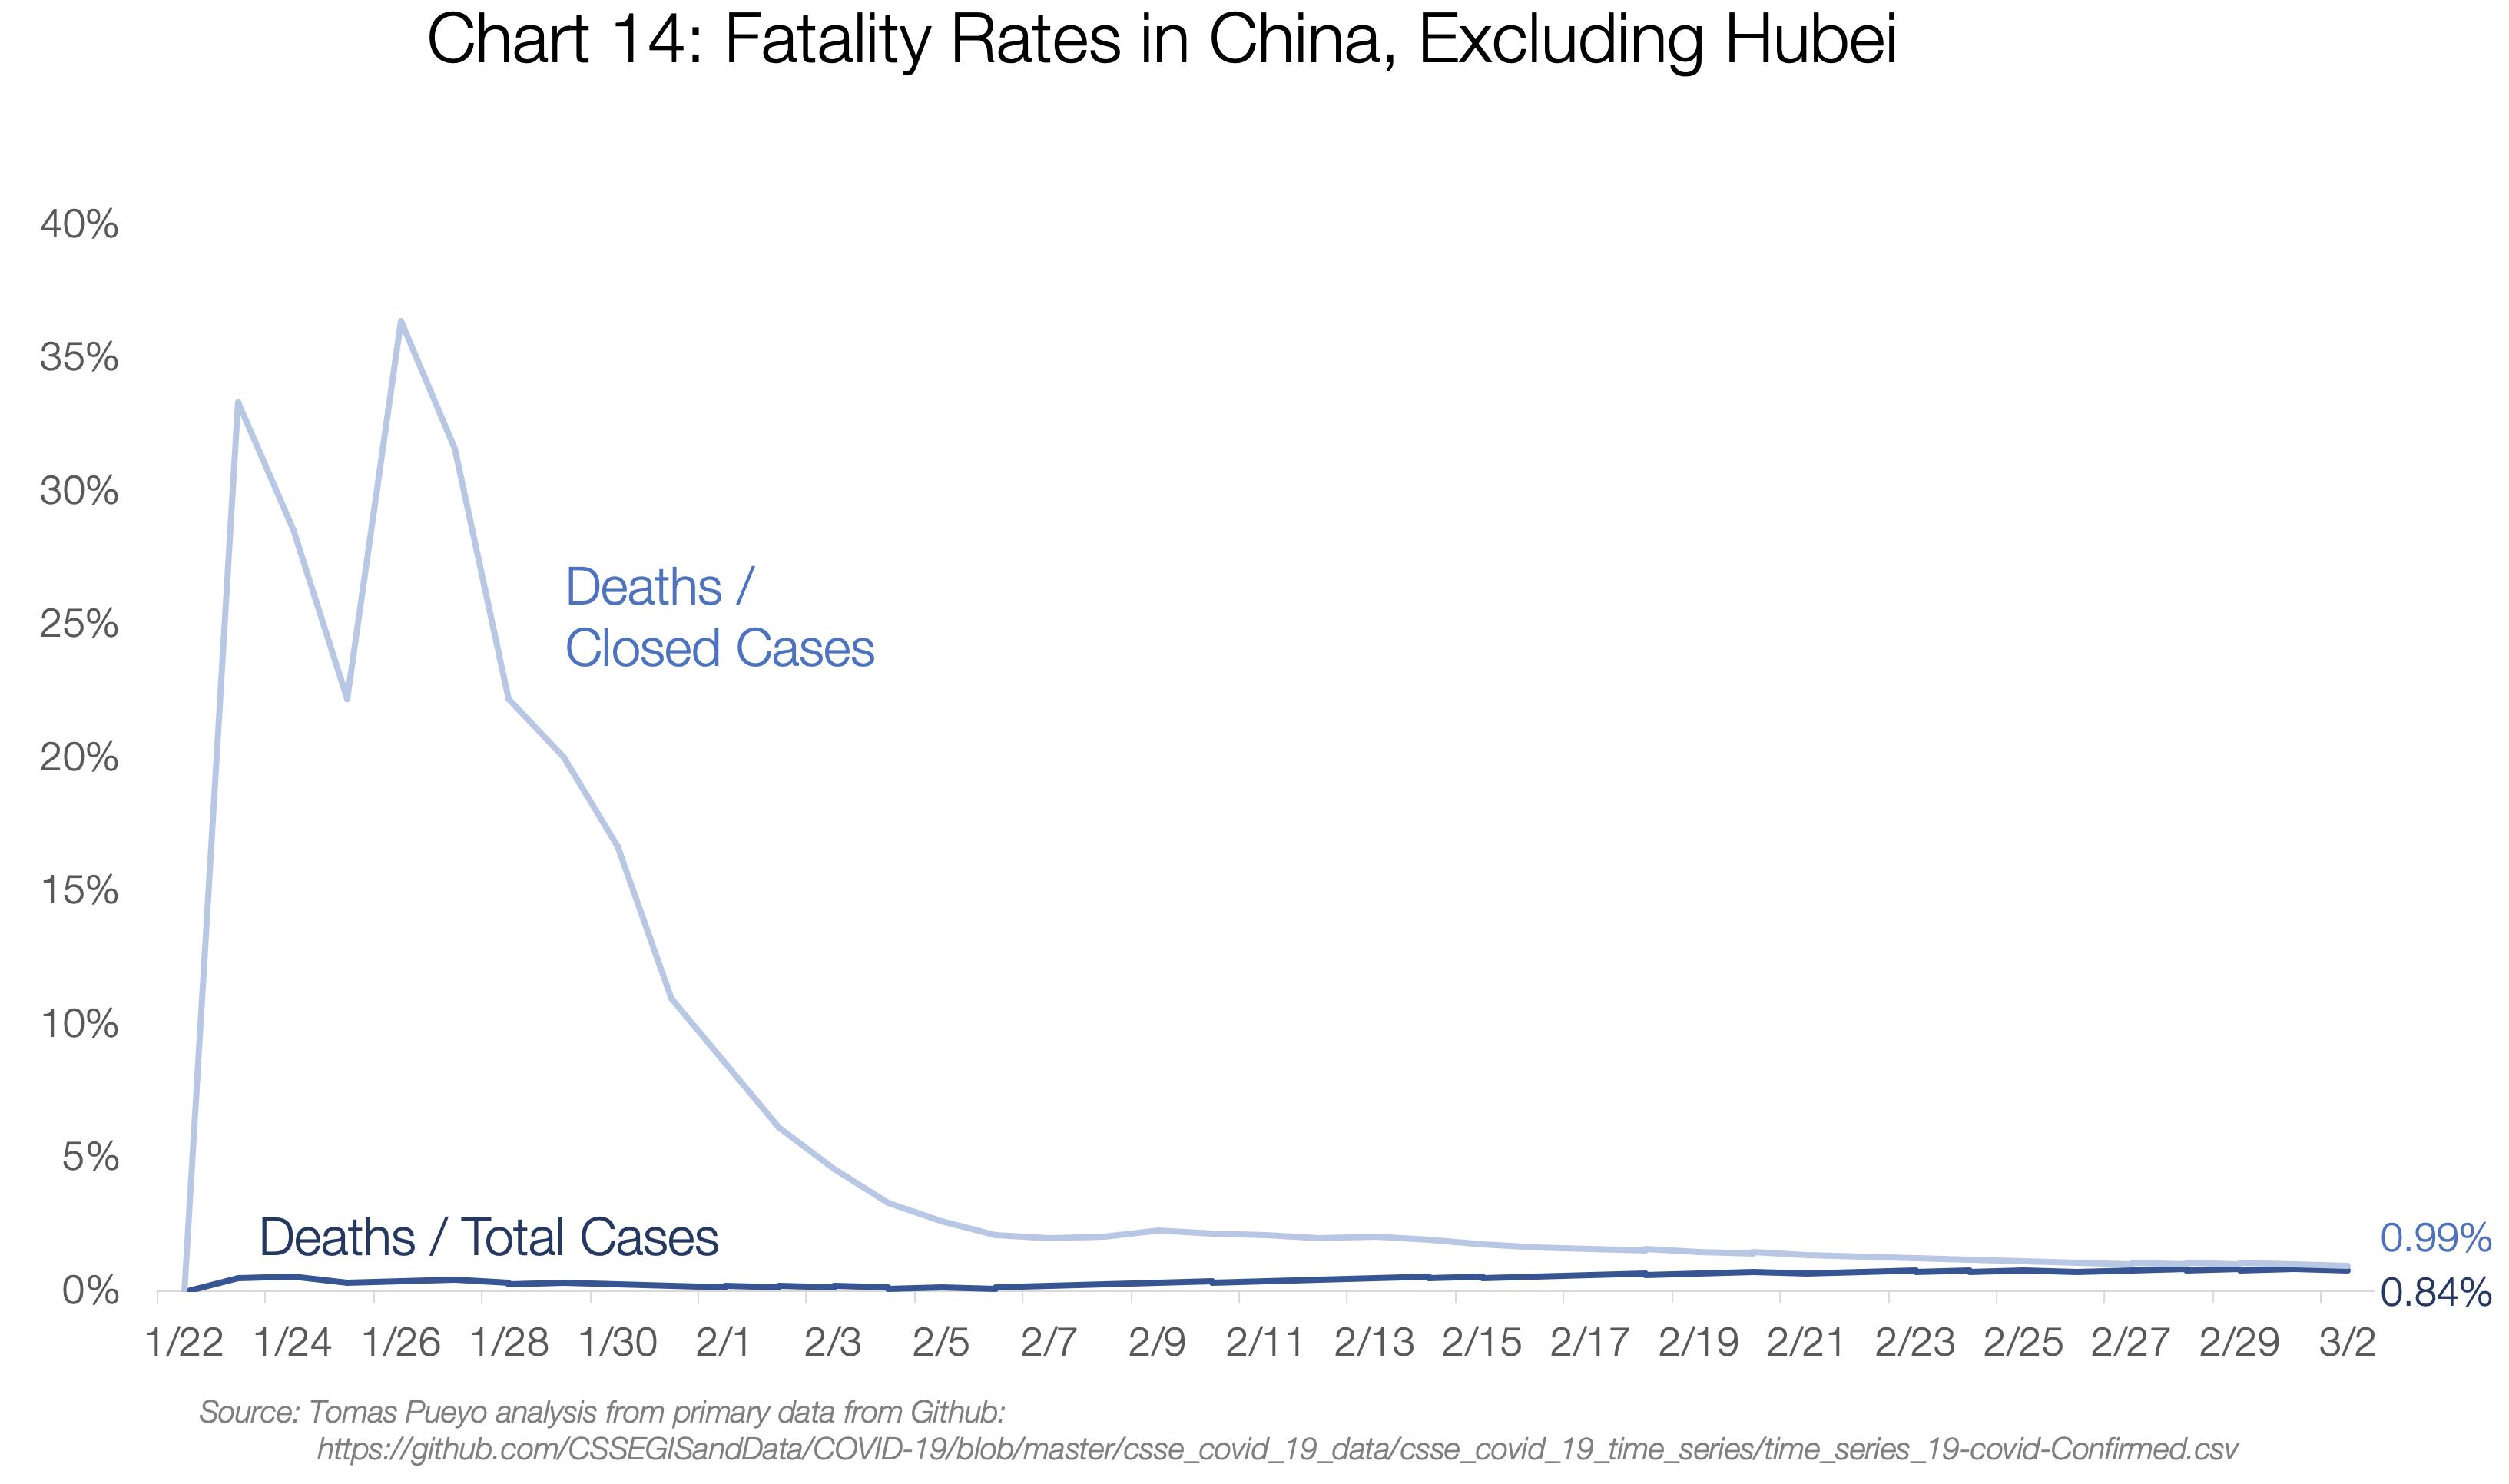 نرخ مرگ و میر در چین به غیر از هوبی: خط کمرنگ تعداد مرگها تقسیم بر پروندههای بسته شده و خط قرمز تعداد مرگها تقسیم بر تعداد پروندهها است.